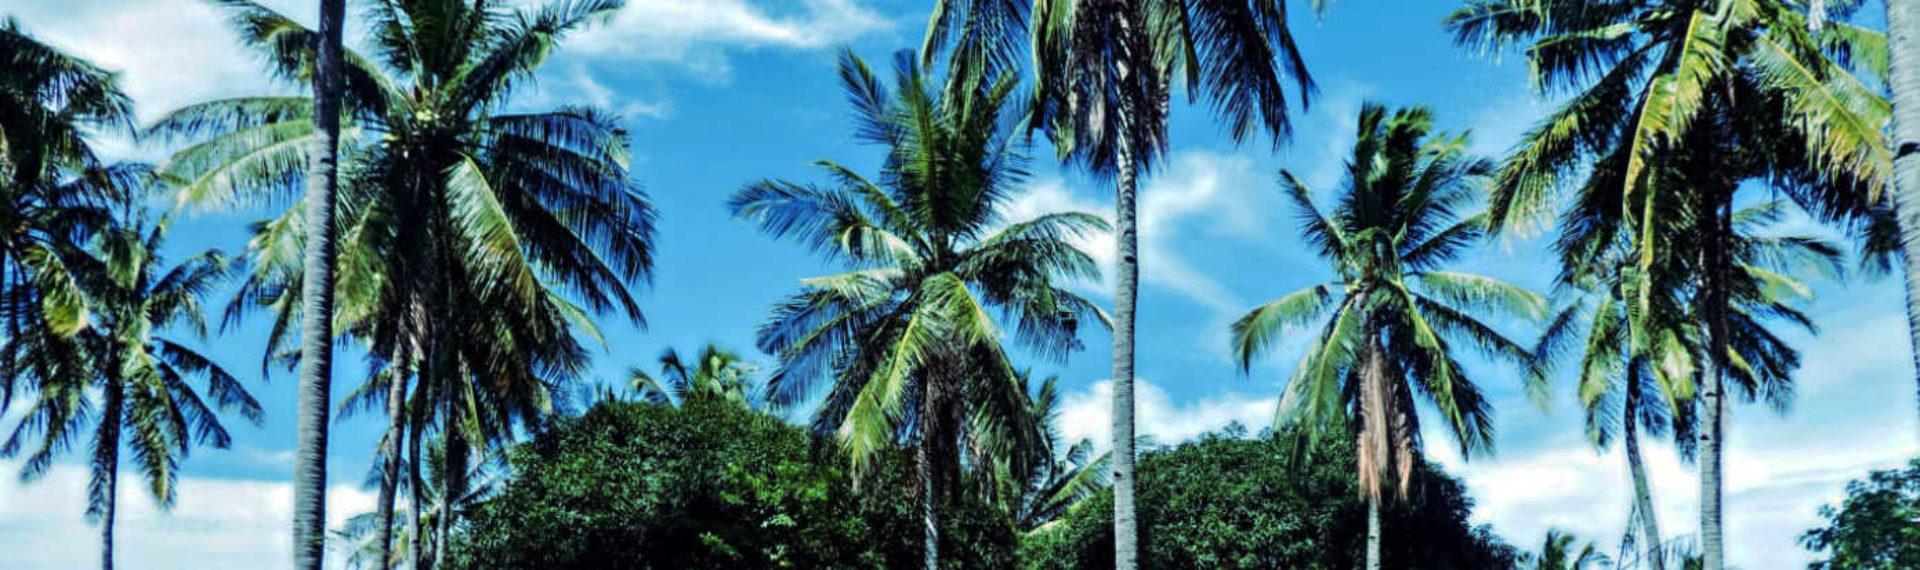 Mango Tree Ecohostel